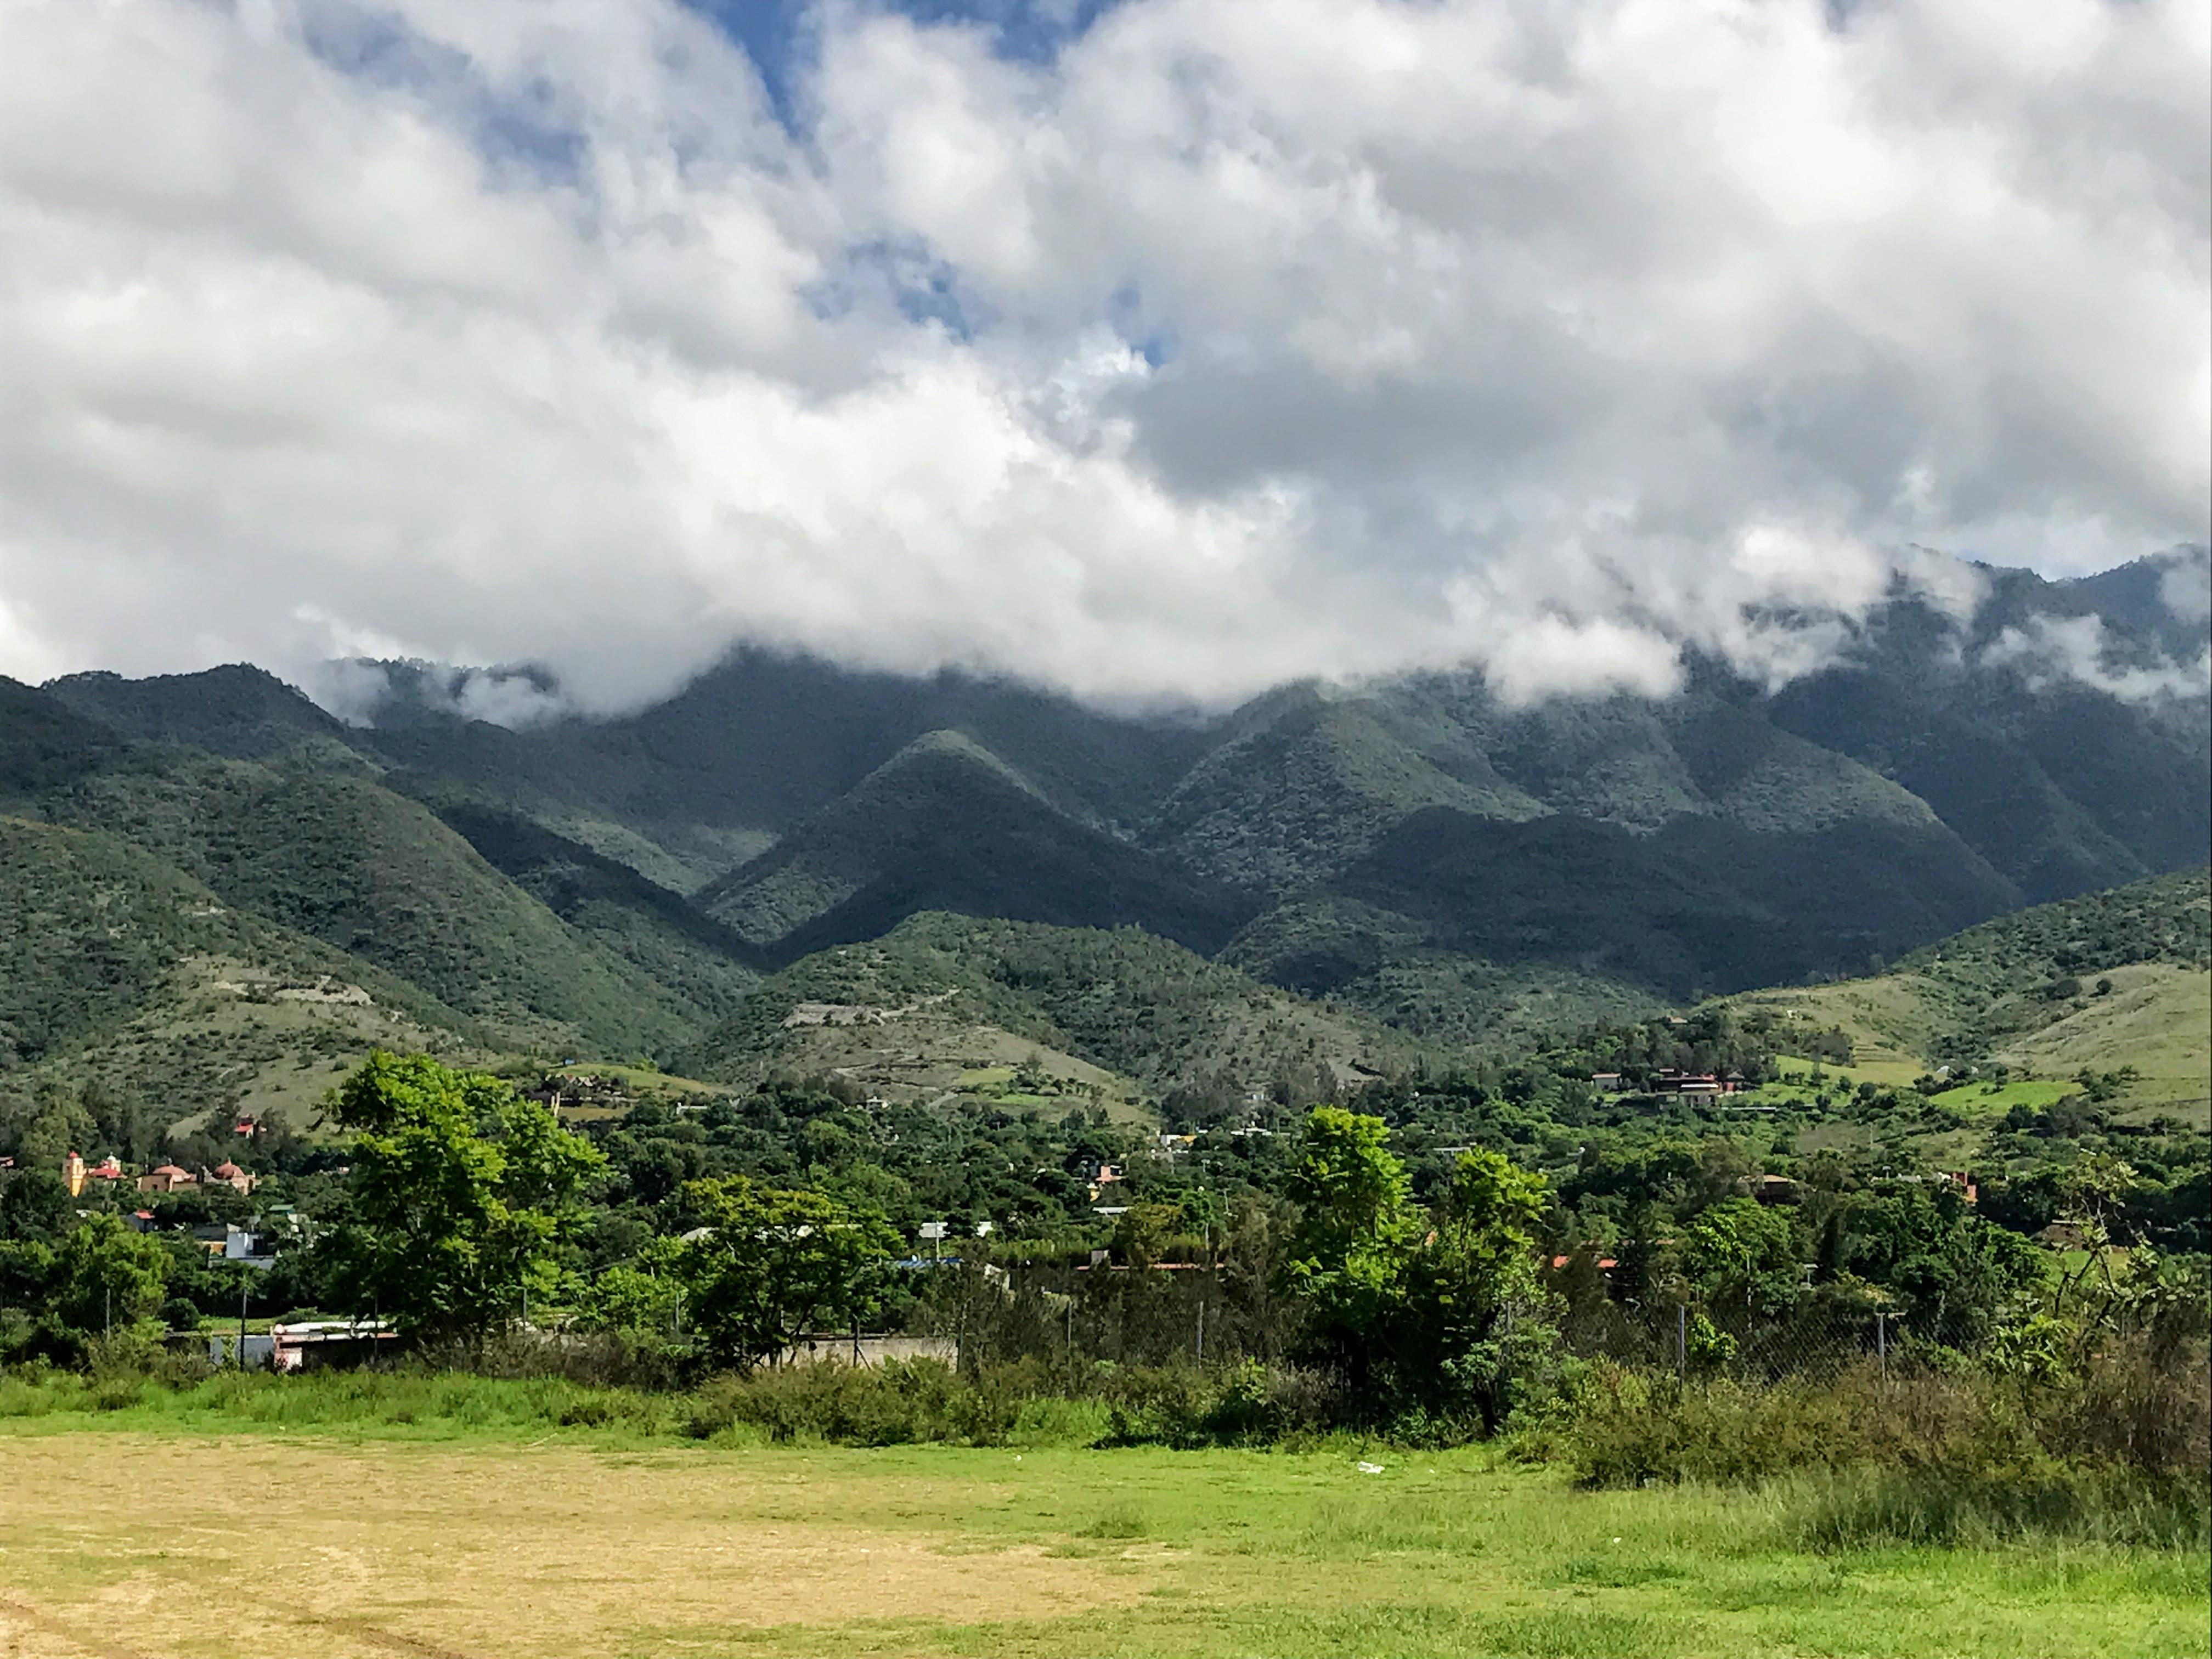 Ecologico Garden, San Andrés Huayapam